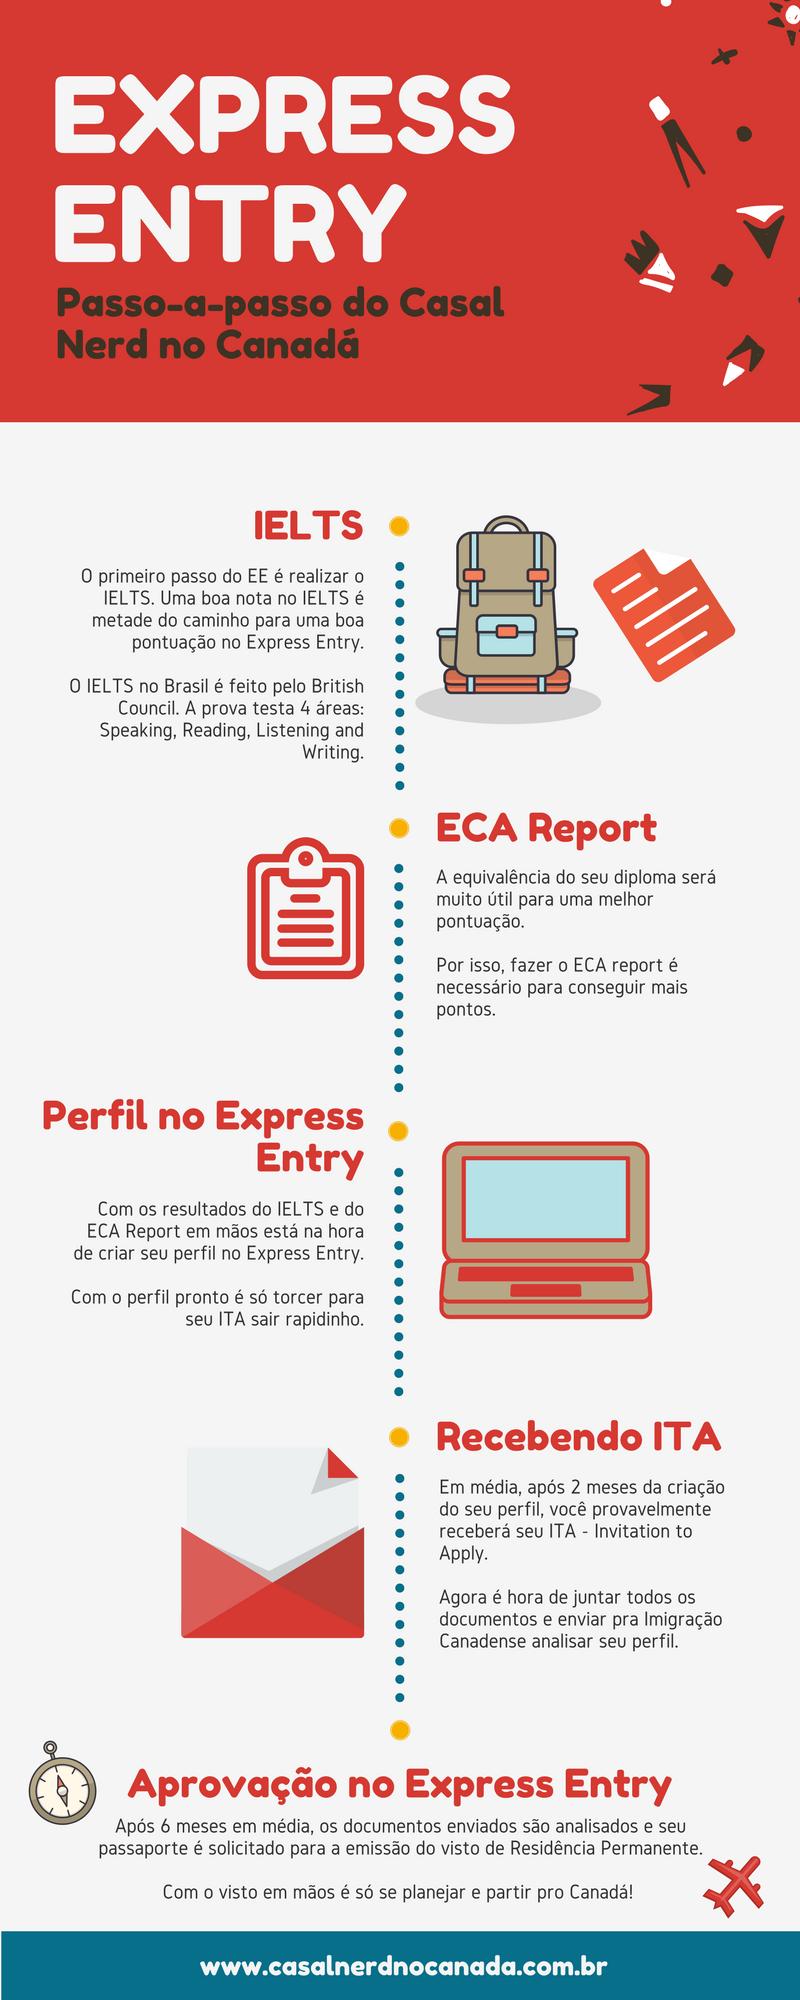 Passo-a-passo do Express Entry do Casal Nerd no Canadá - IELTS, ECA, perfil no EE, ITA, Aprovação no Express Entry